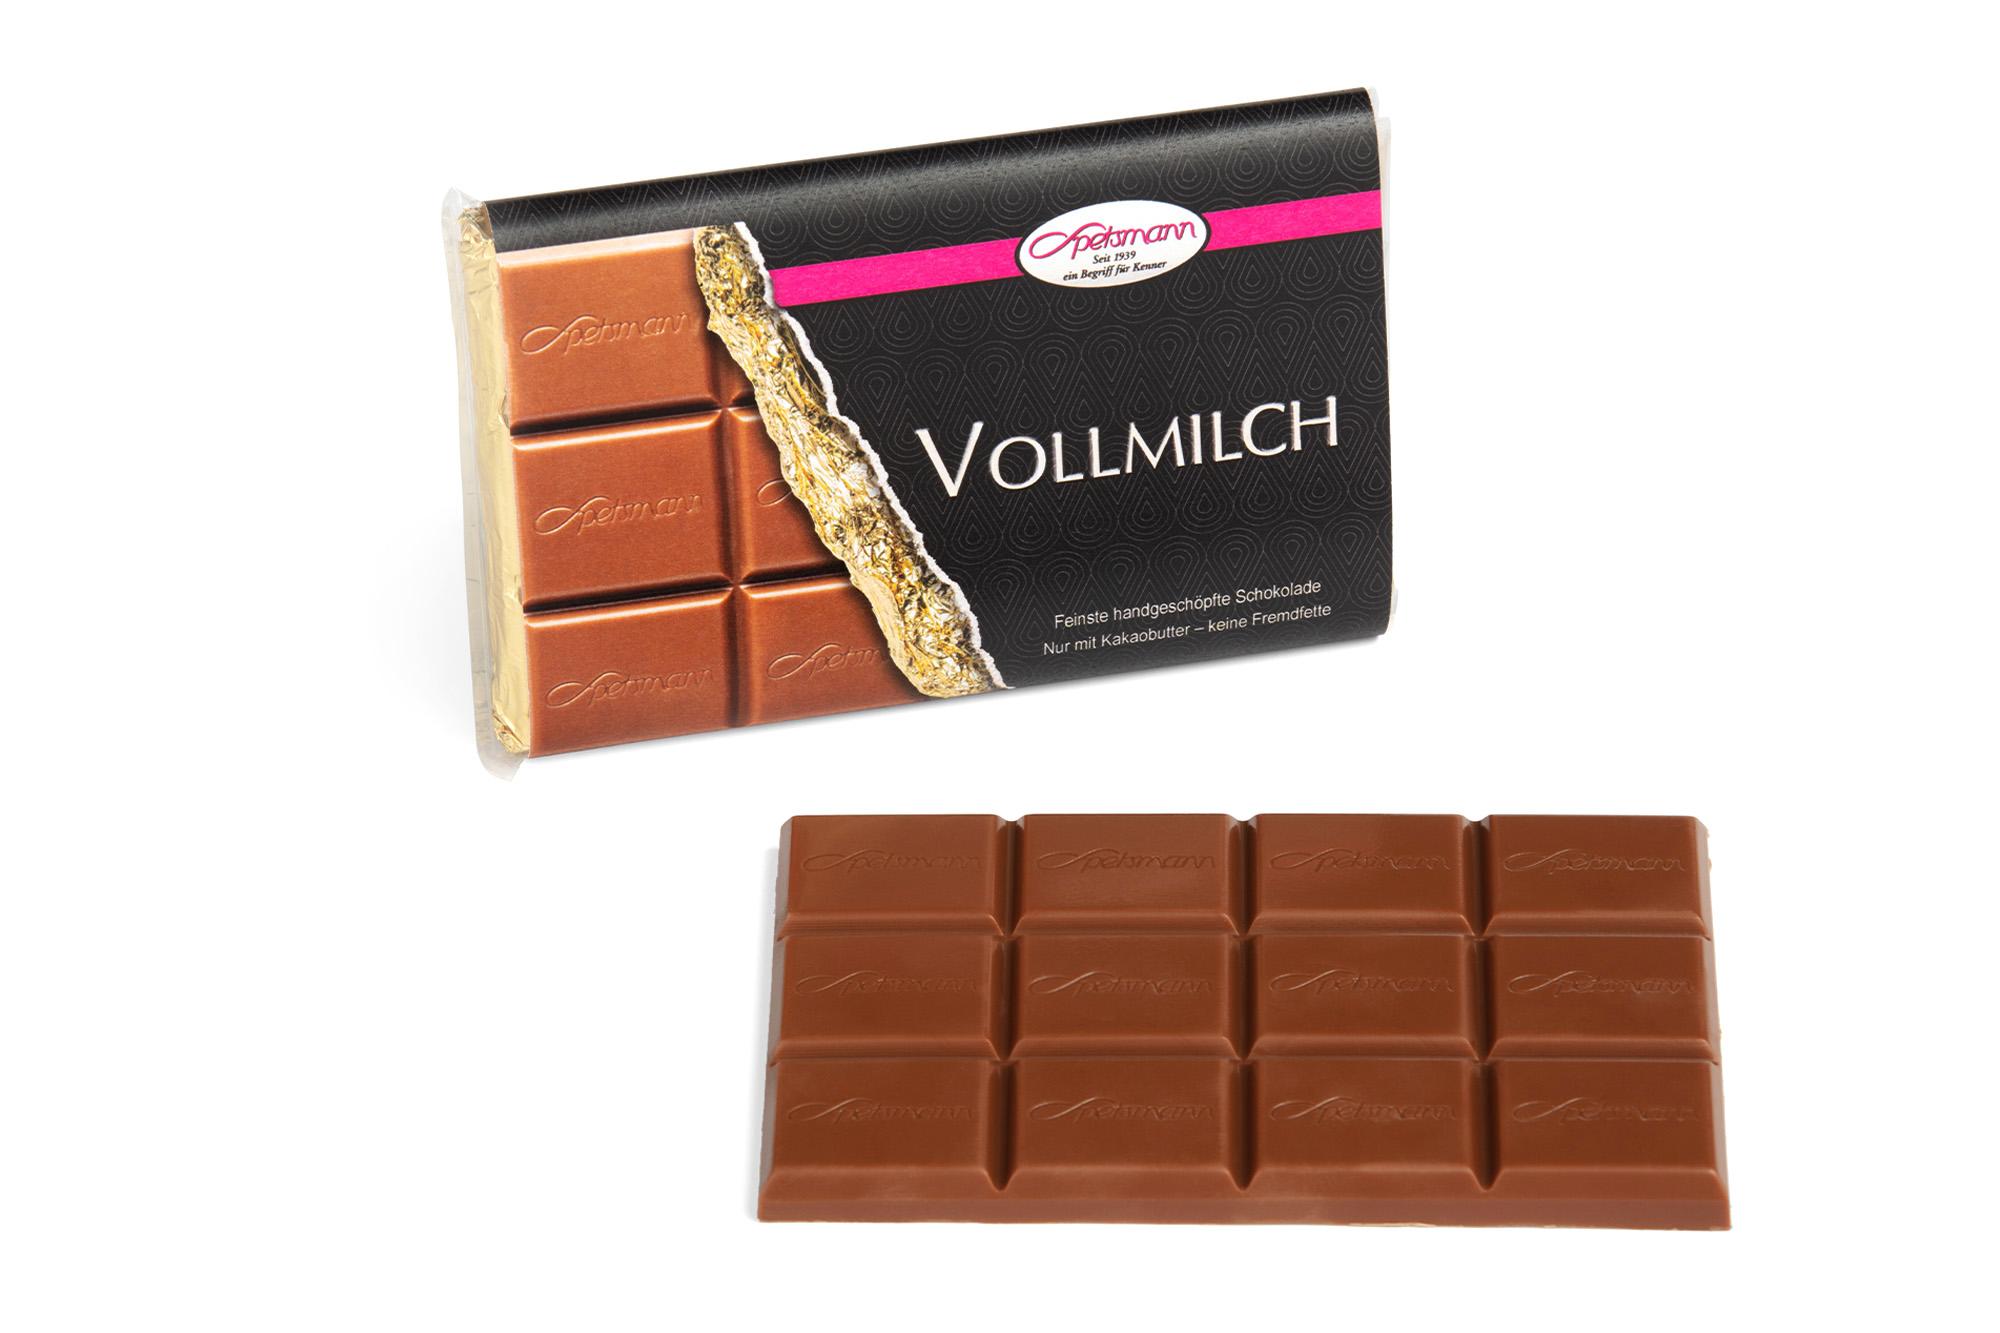 Vollmilch